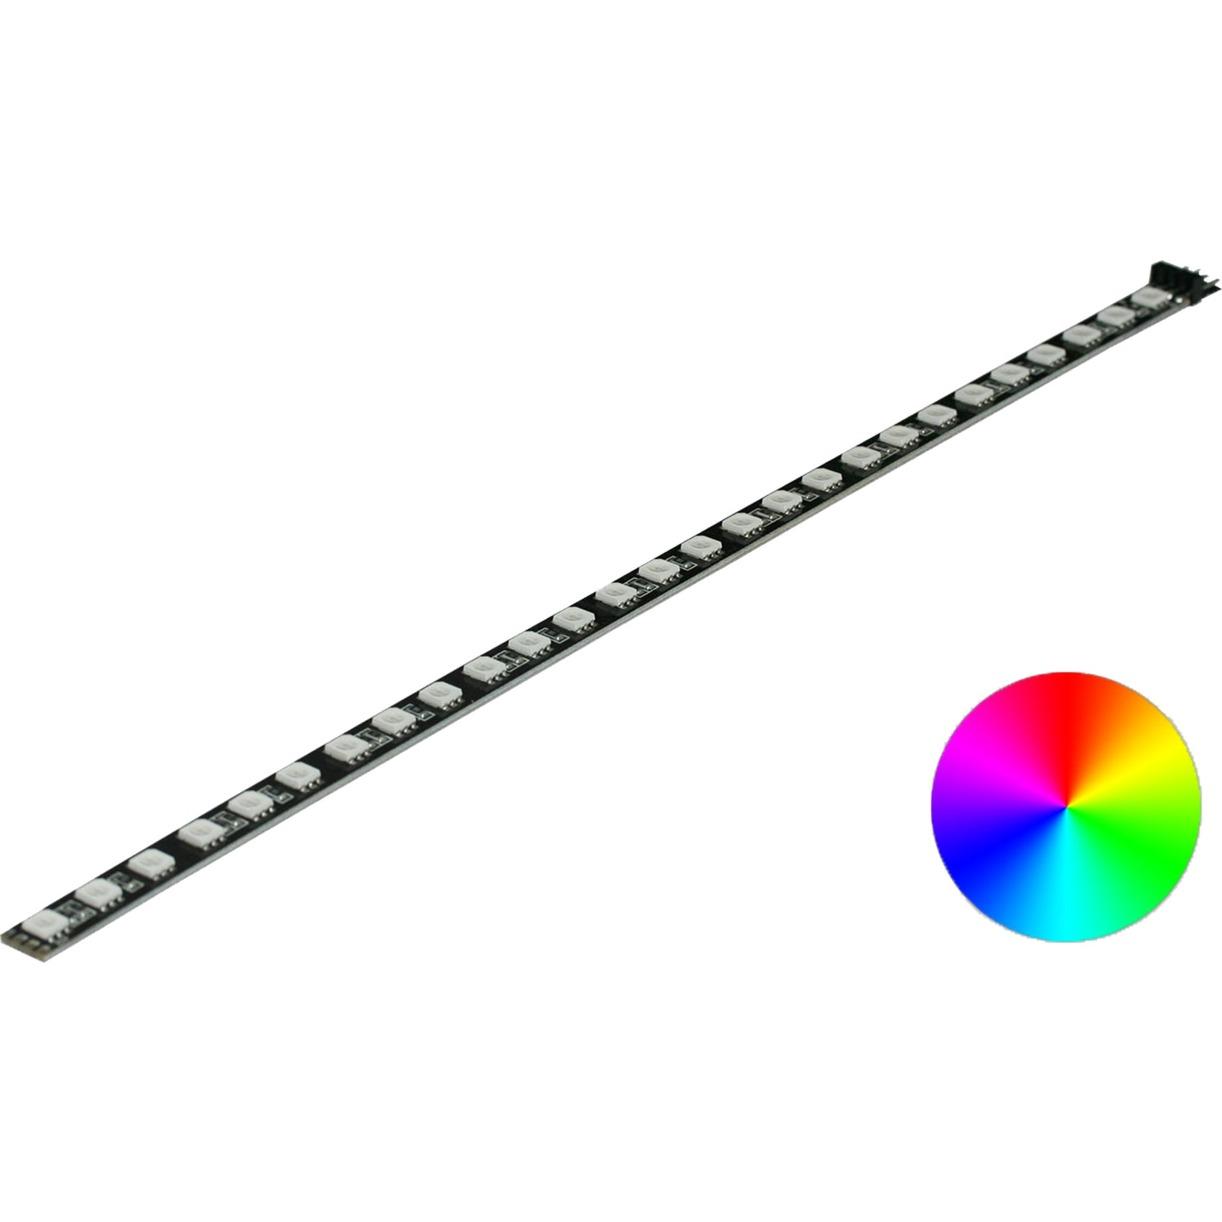 Rigid LED 30 cm RGB, Modding